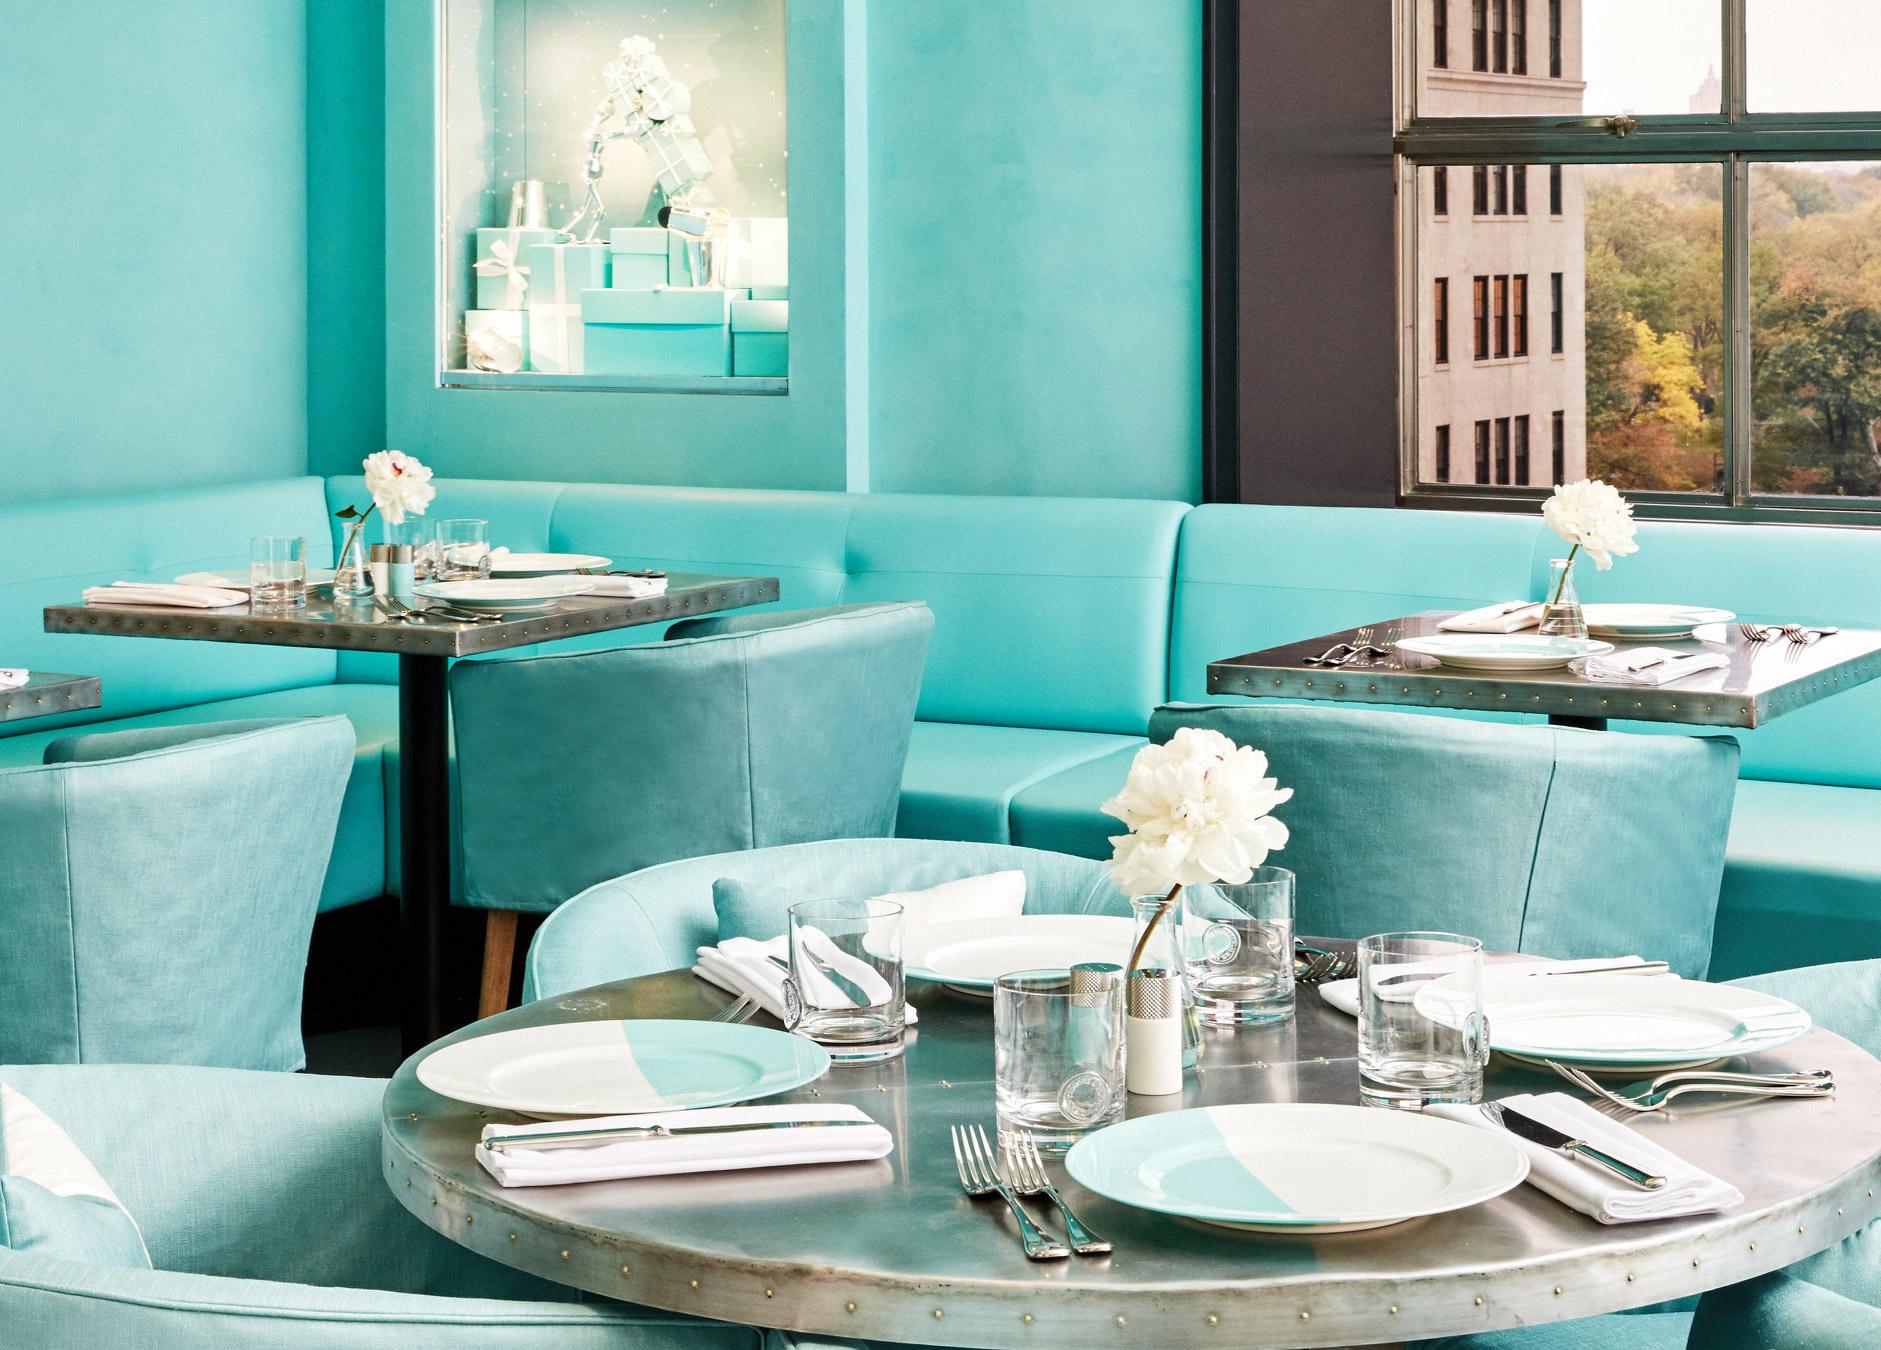 The Blue Box Café